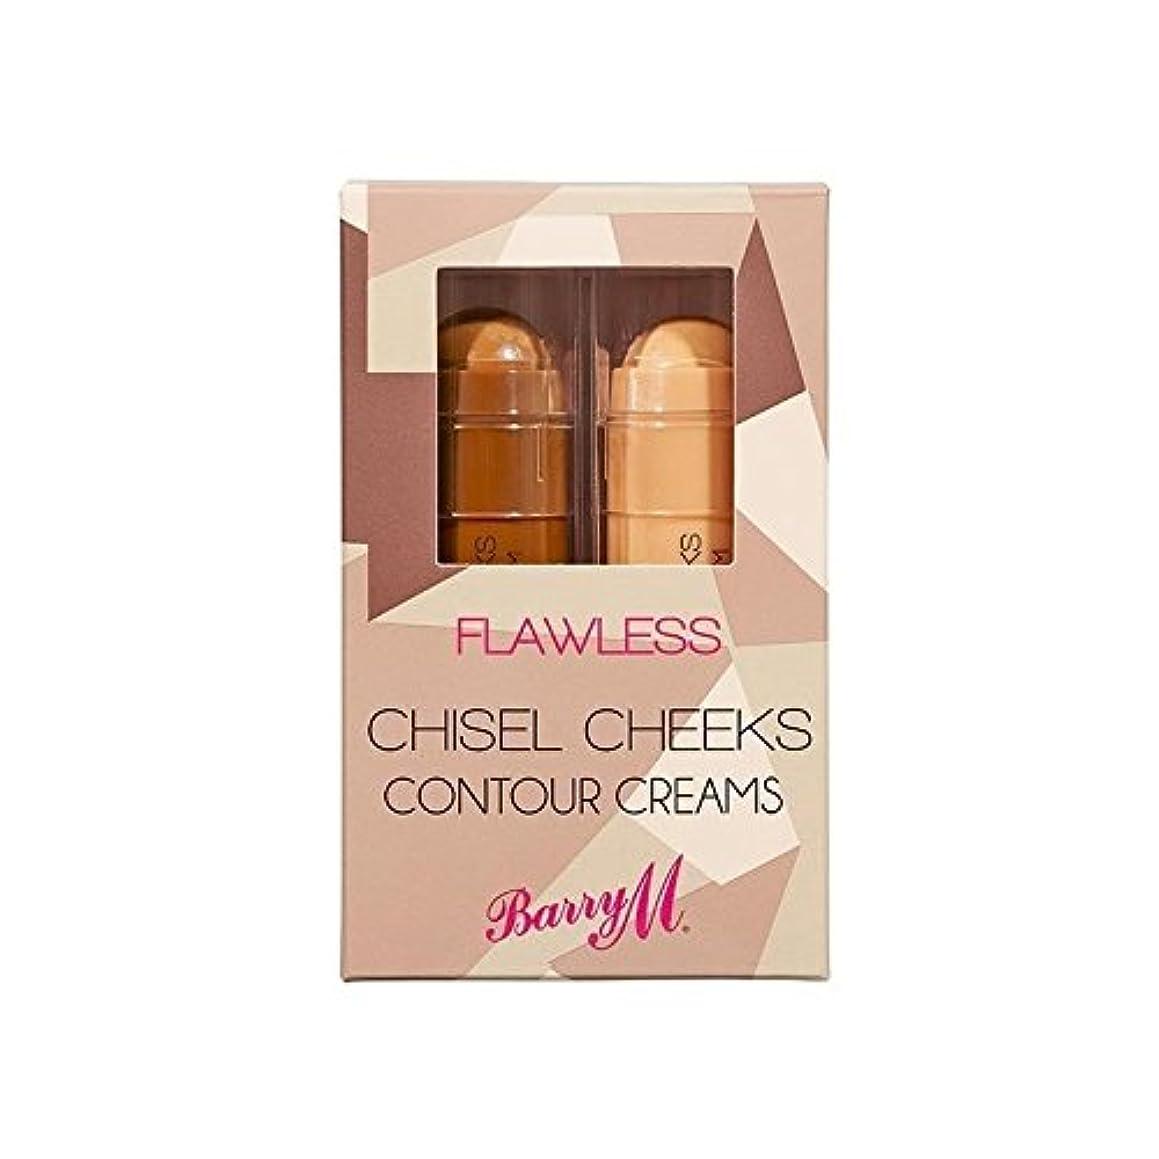 幅白菜課すバリーメートルチゼル頬の輪郭クリーム x2 - Barry M Chisel Cheek Contour Creams (Pack of 2) [並行輸入品]